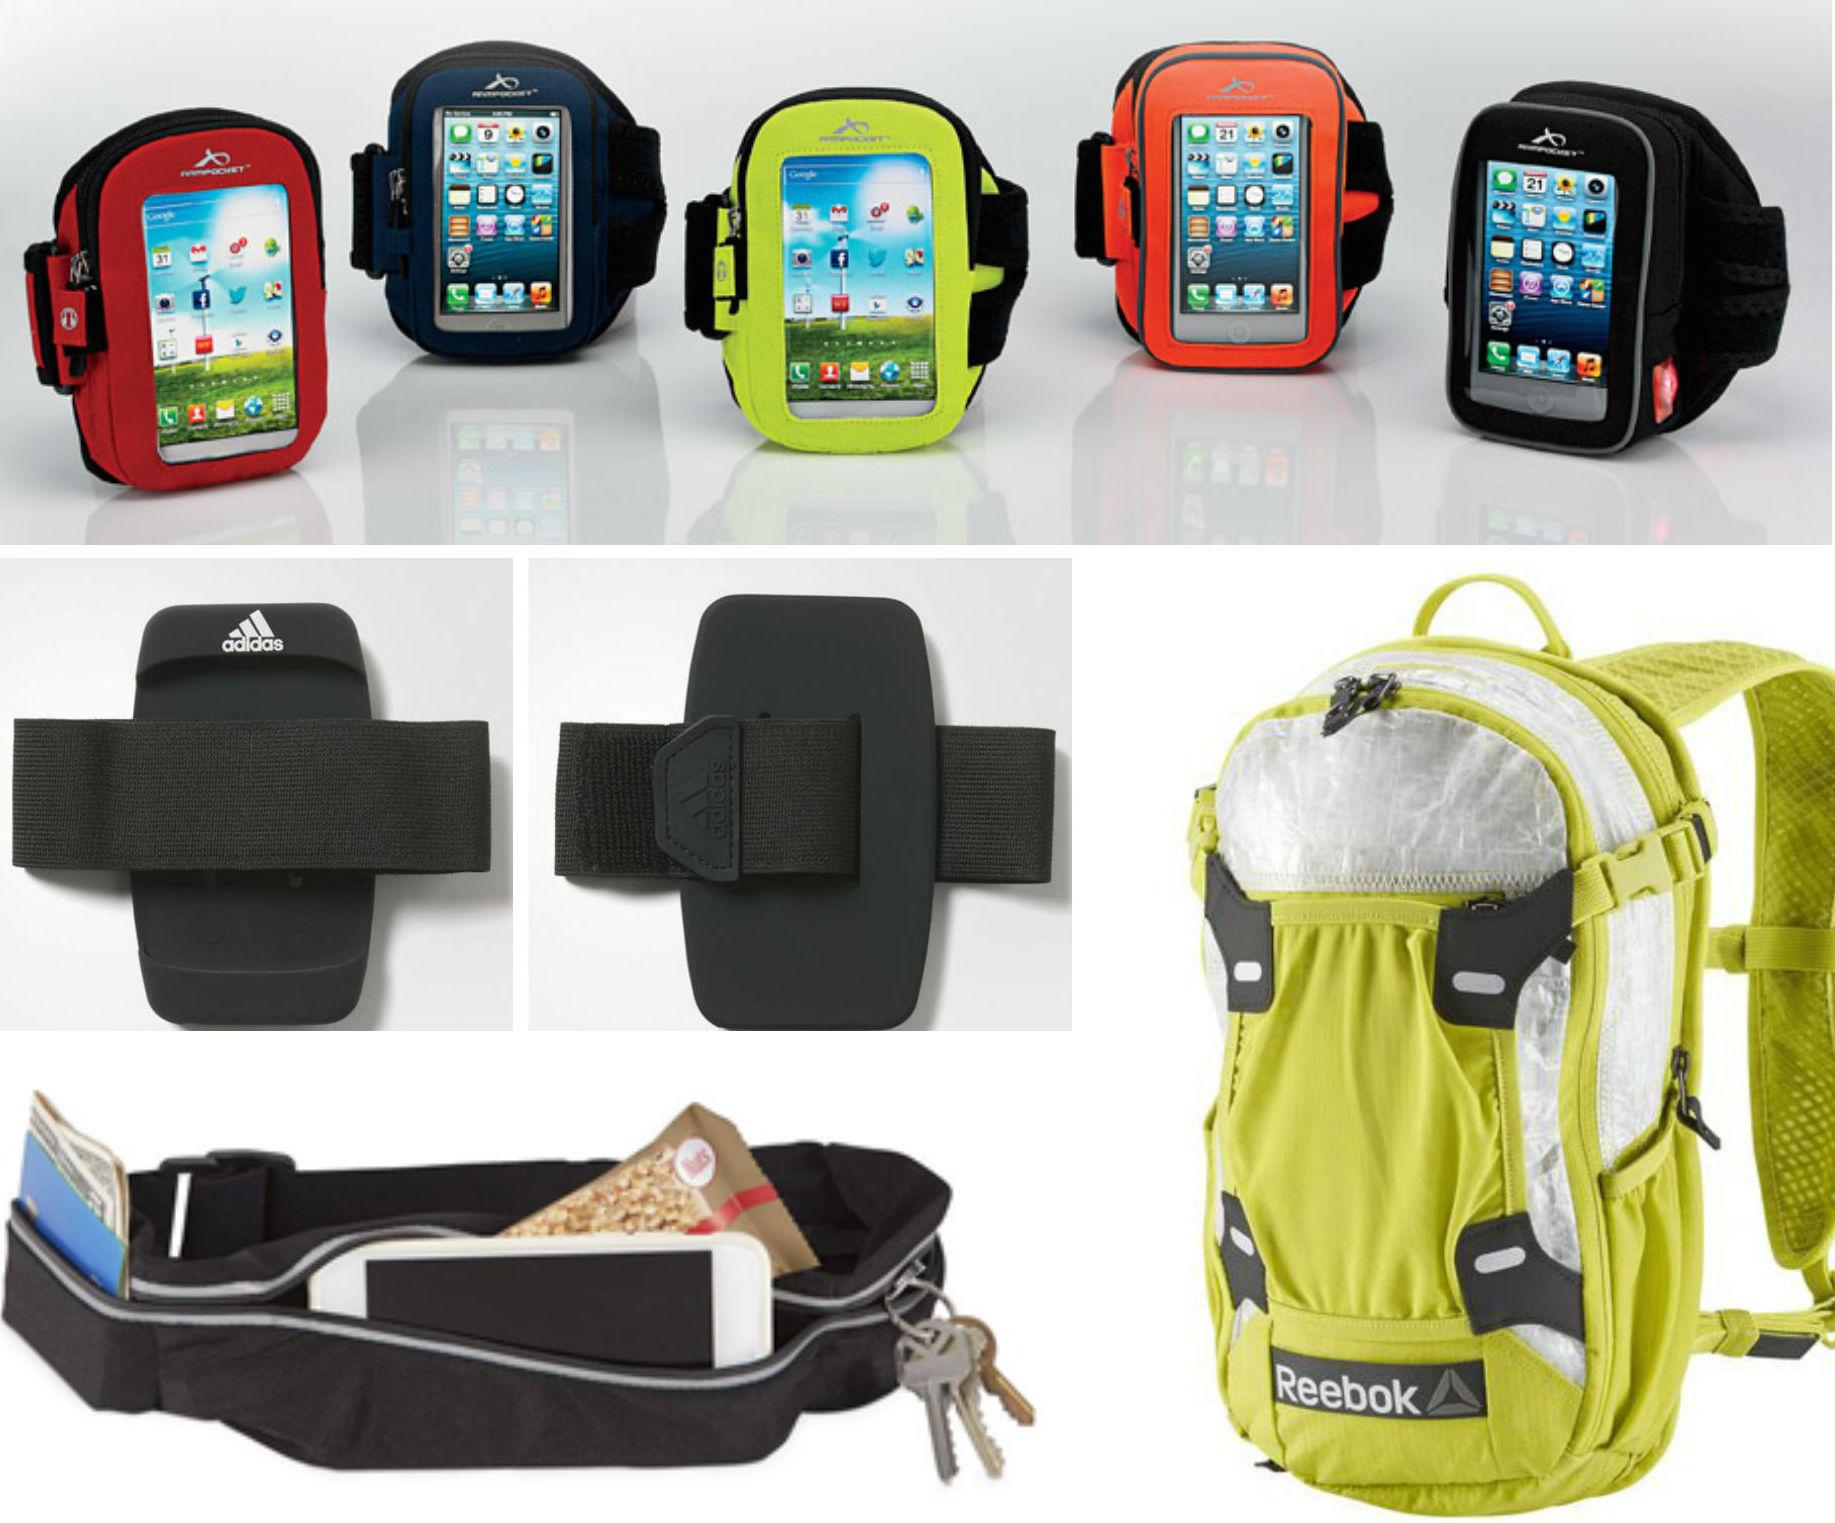 Обзор не гаджета. Выбираем лучший чехол для тренировок и другие аксессуары для смартфонов: повязки, сумки и силиконовый карман Adidas - 1